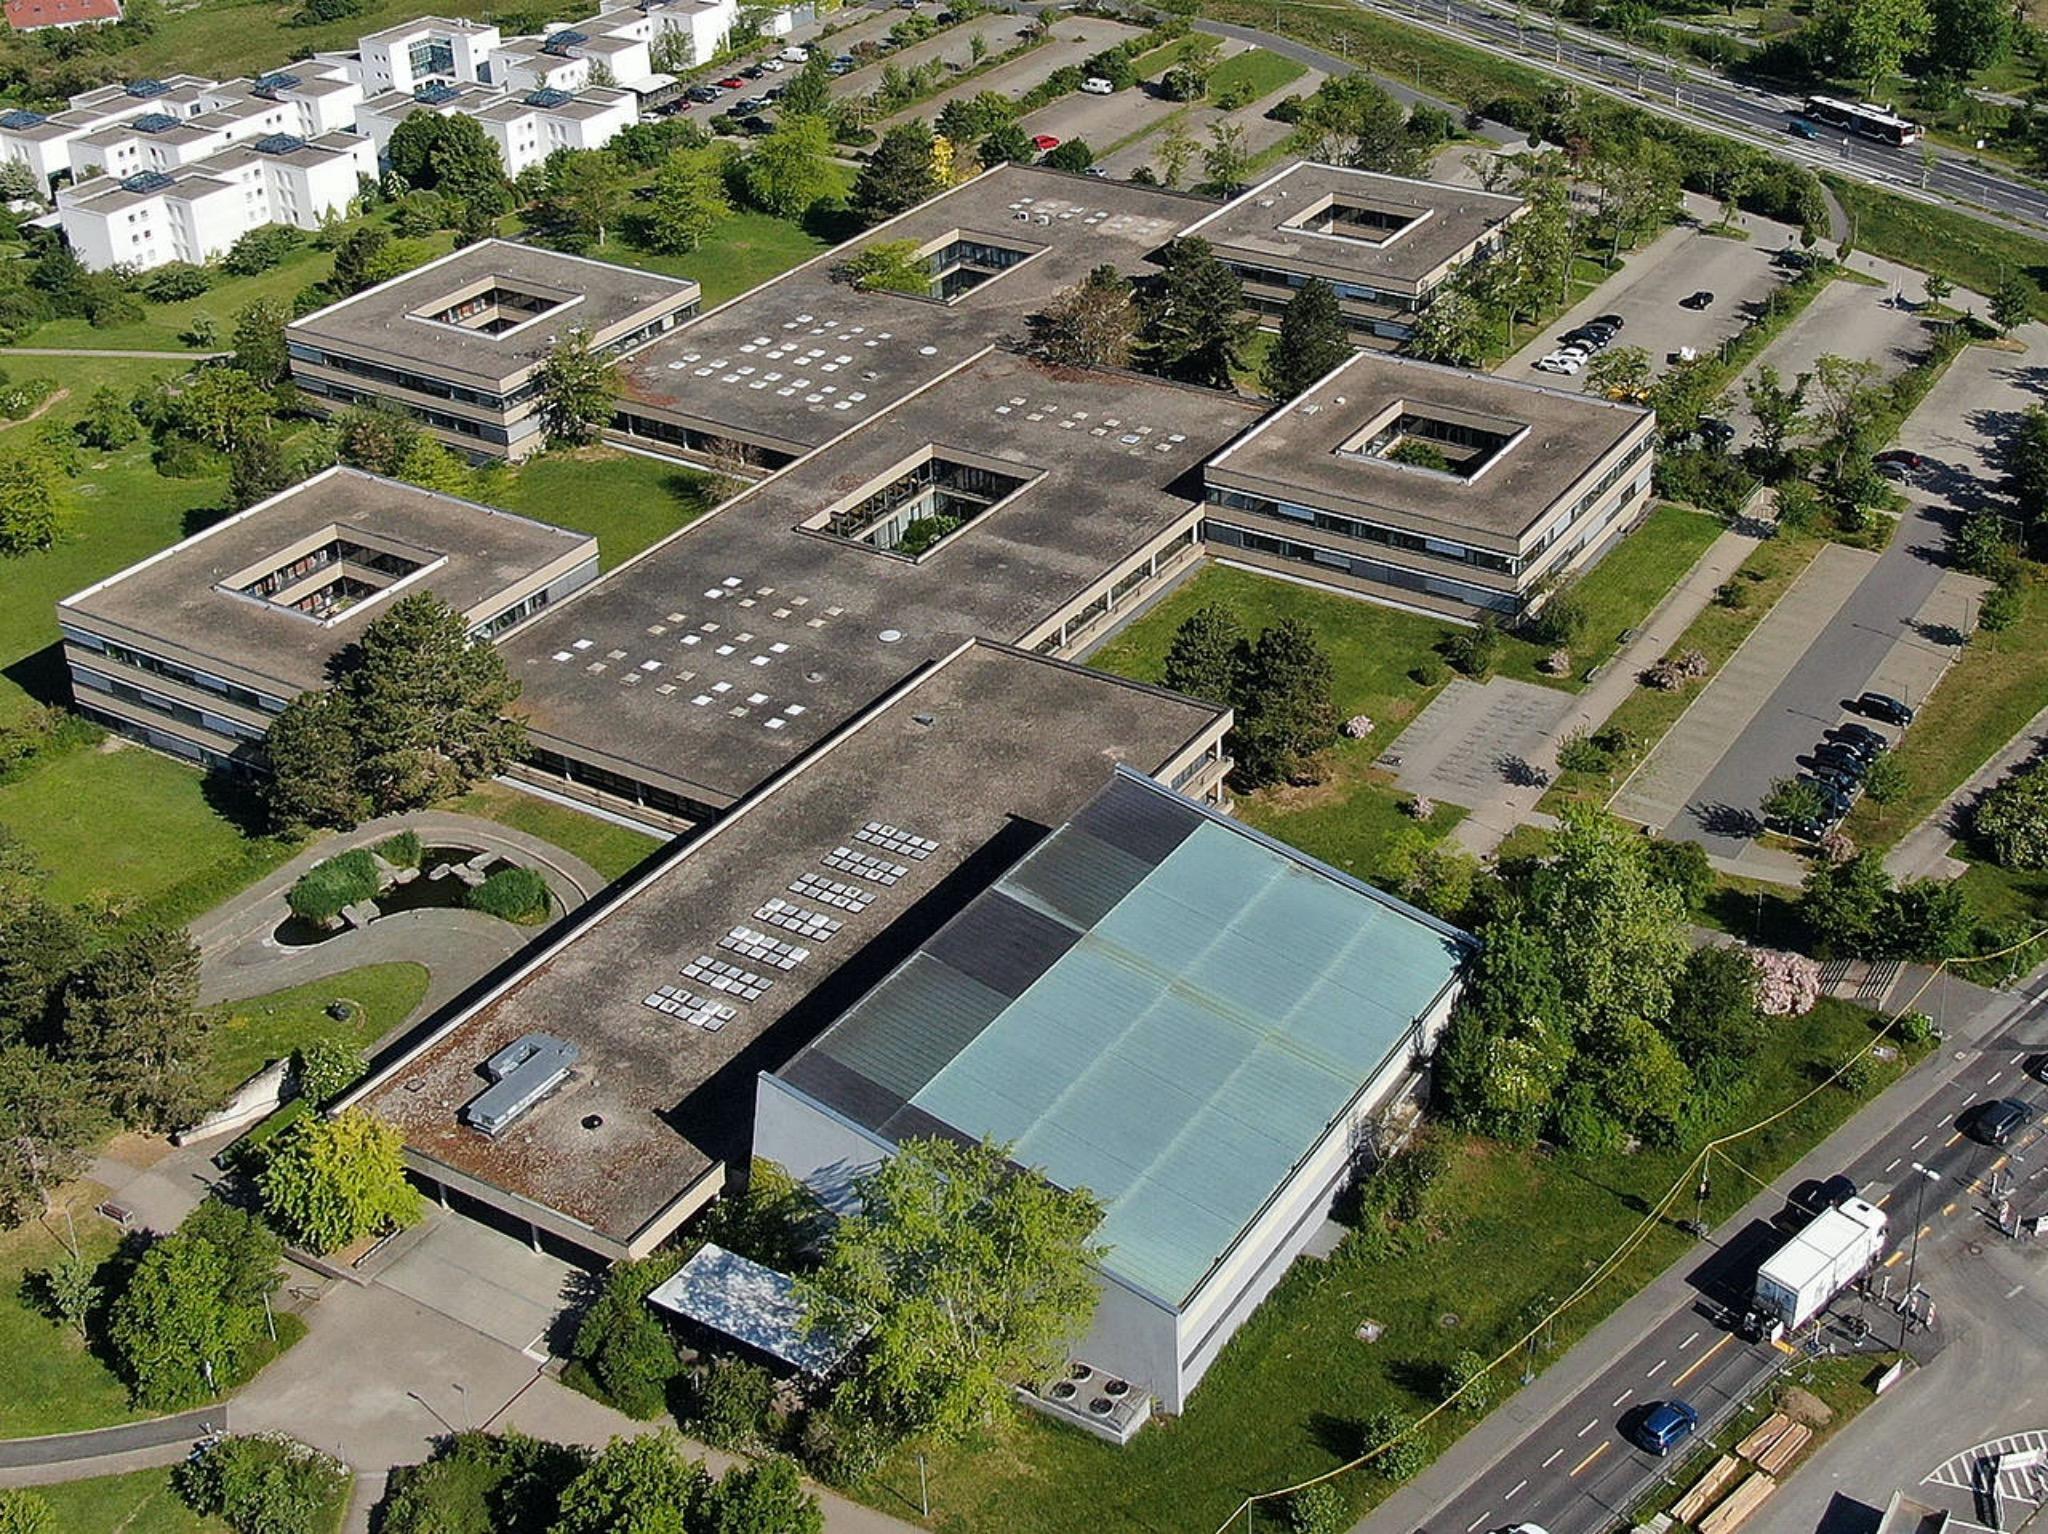 Das Philosophiegebäude der Uni Würzburg von oben gesehen. Energetisch saniert werden zunächst die vier quadratischen Baukörper. Foto: Staatliches Bauamt Würzburg